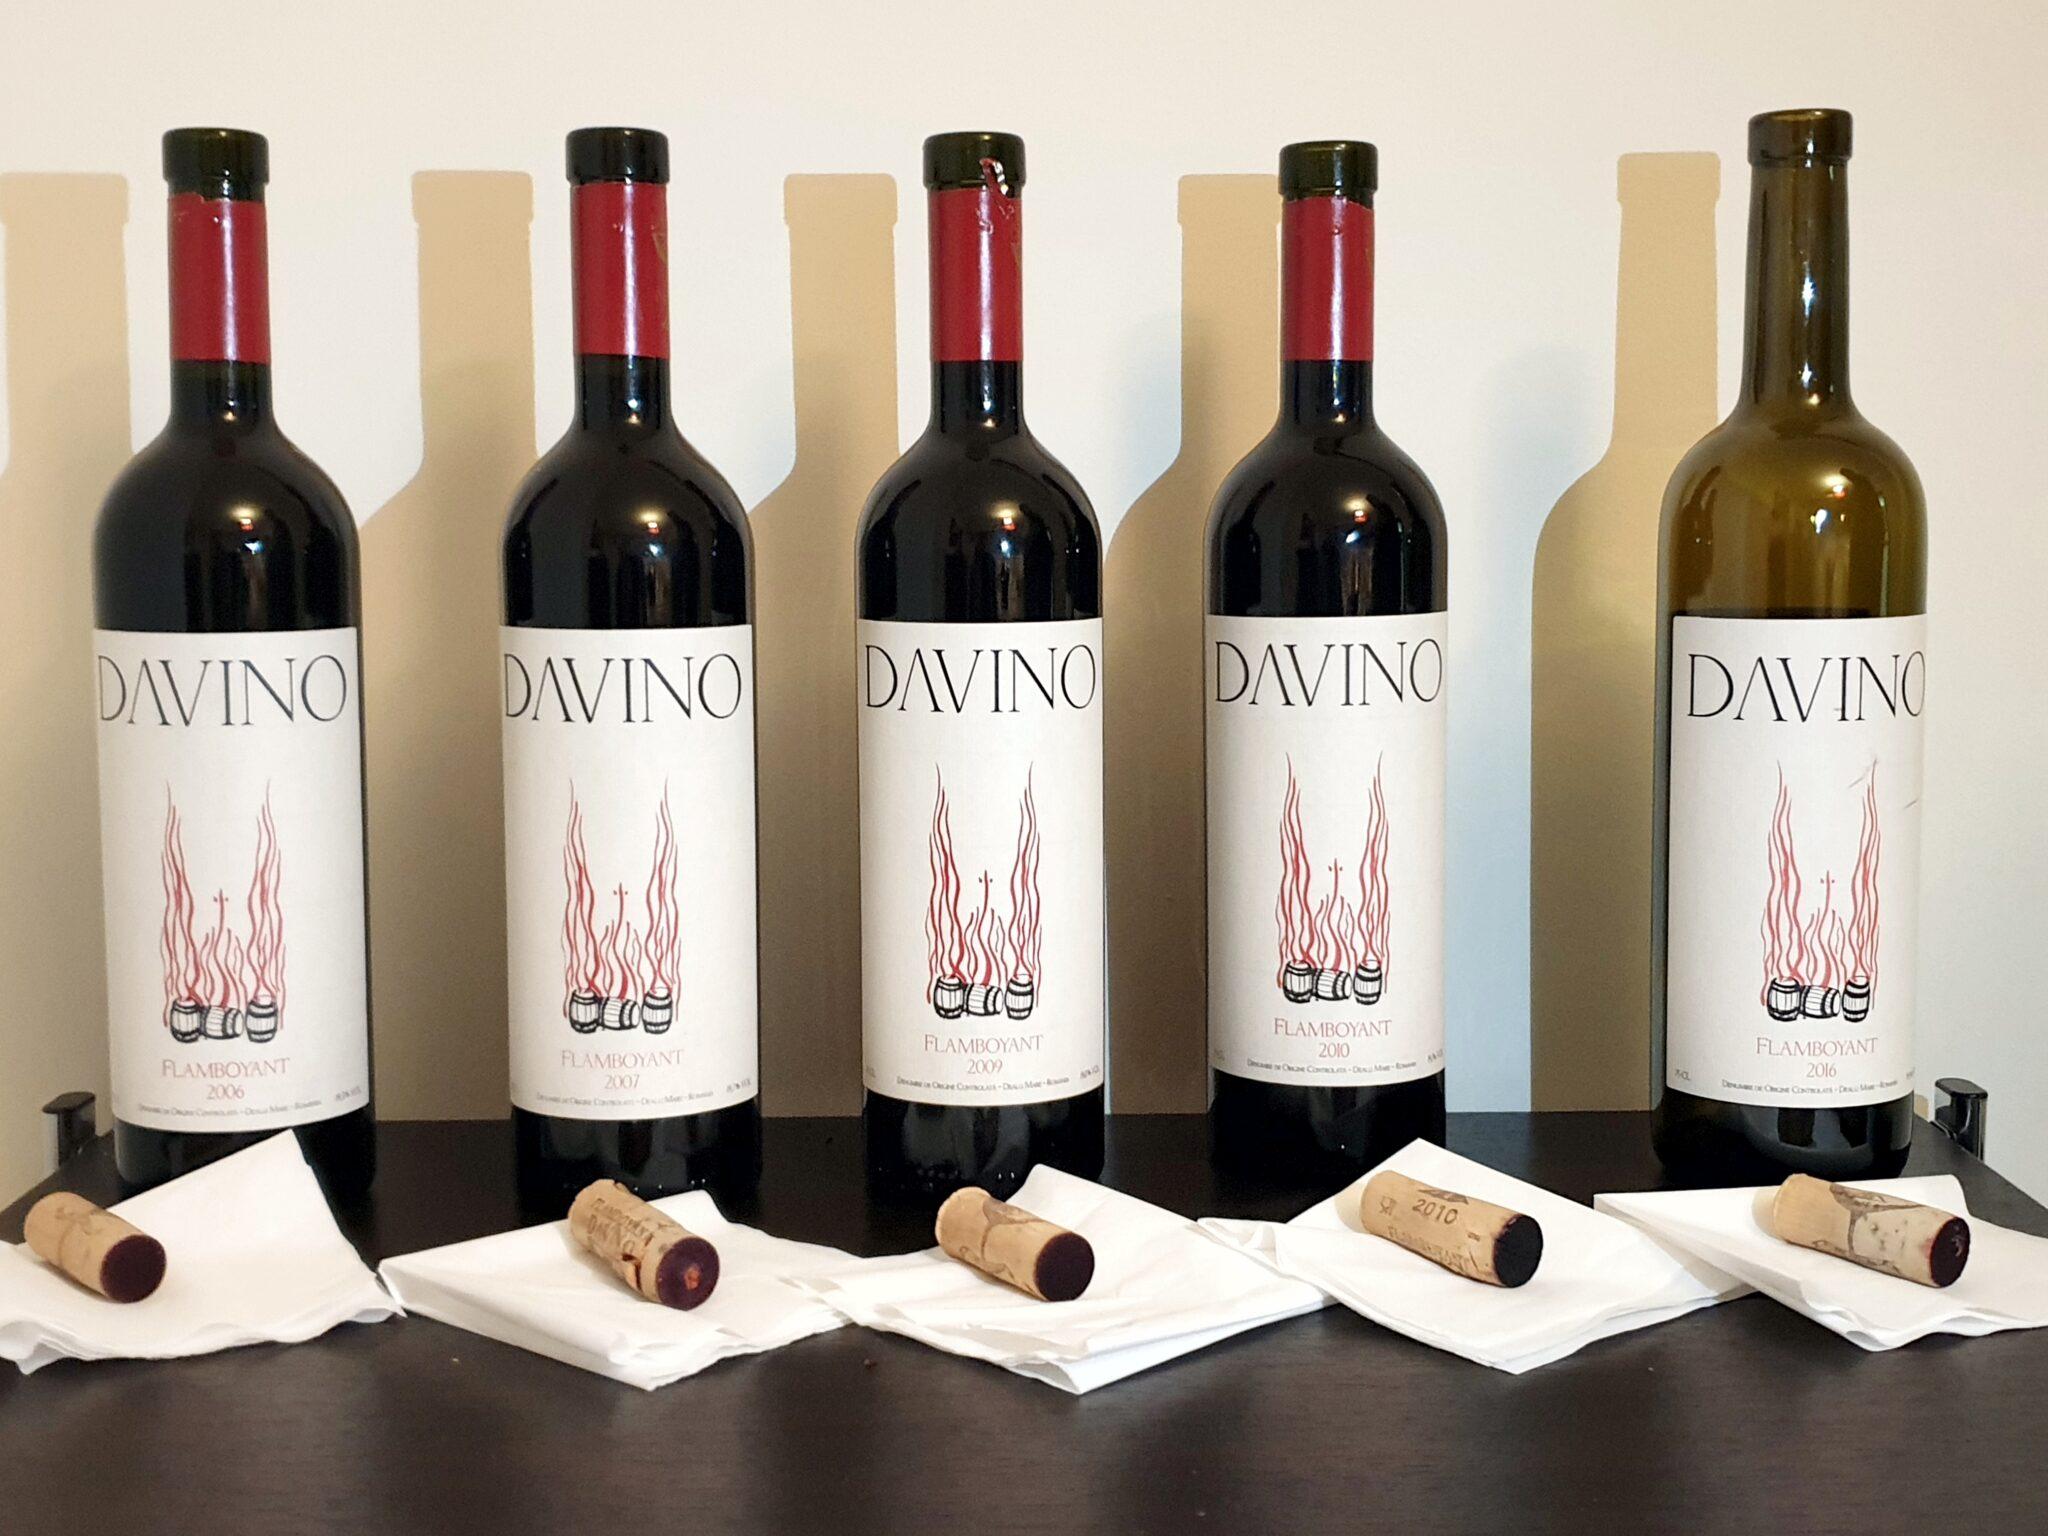 vinuri datând ozon 50 de ani femeie datând de 65 de ani